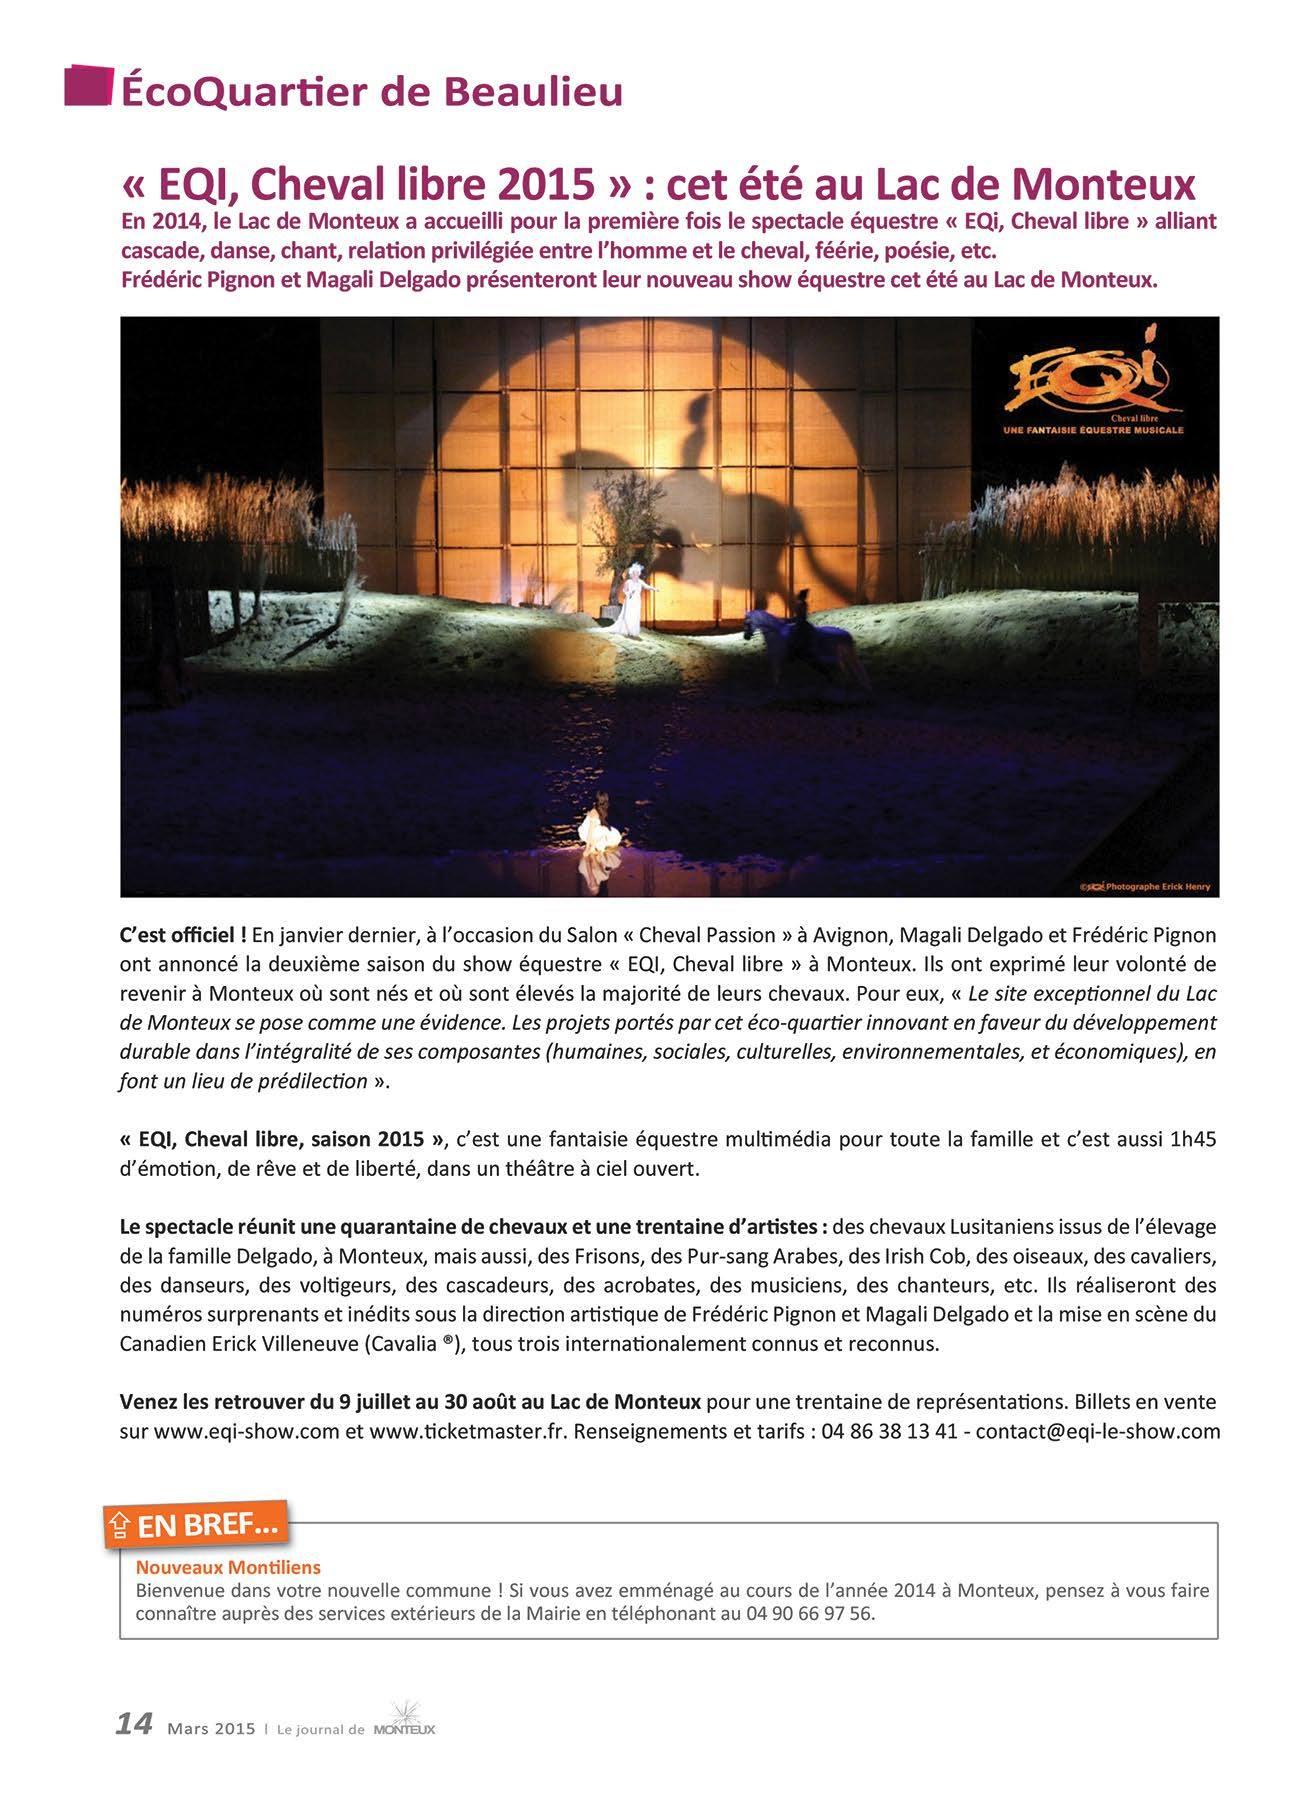 EQI - spectacle équestre 2015